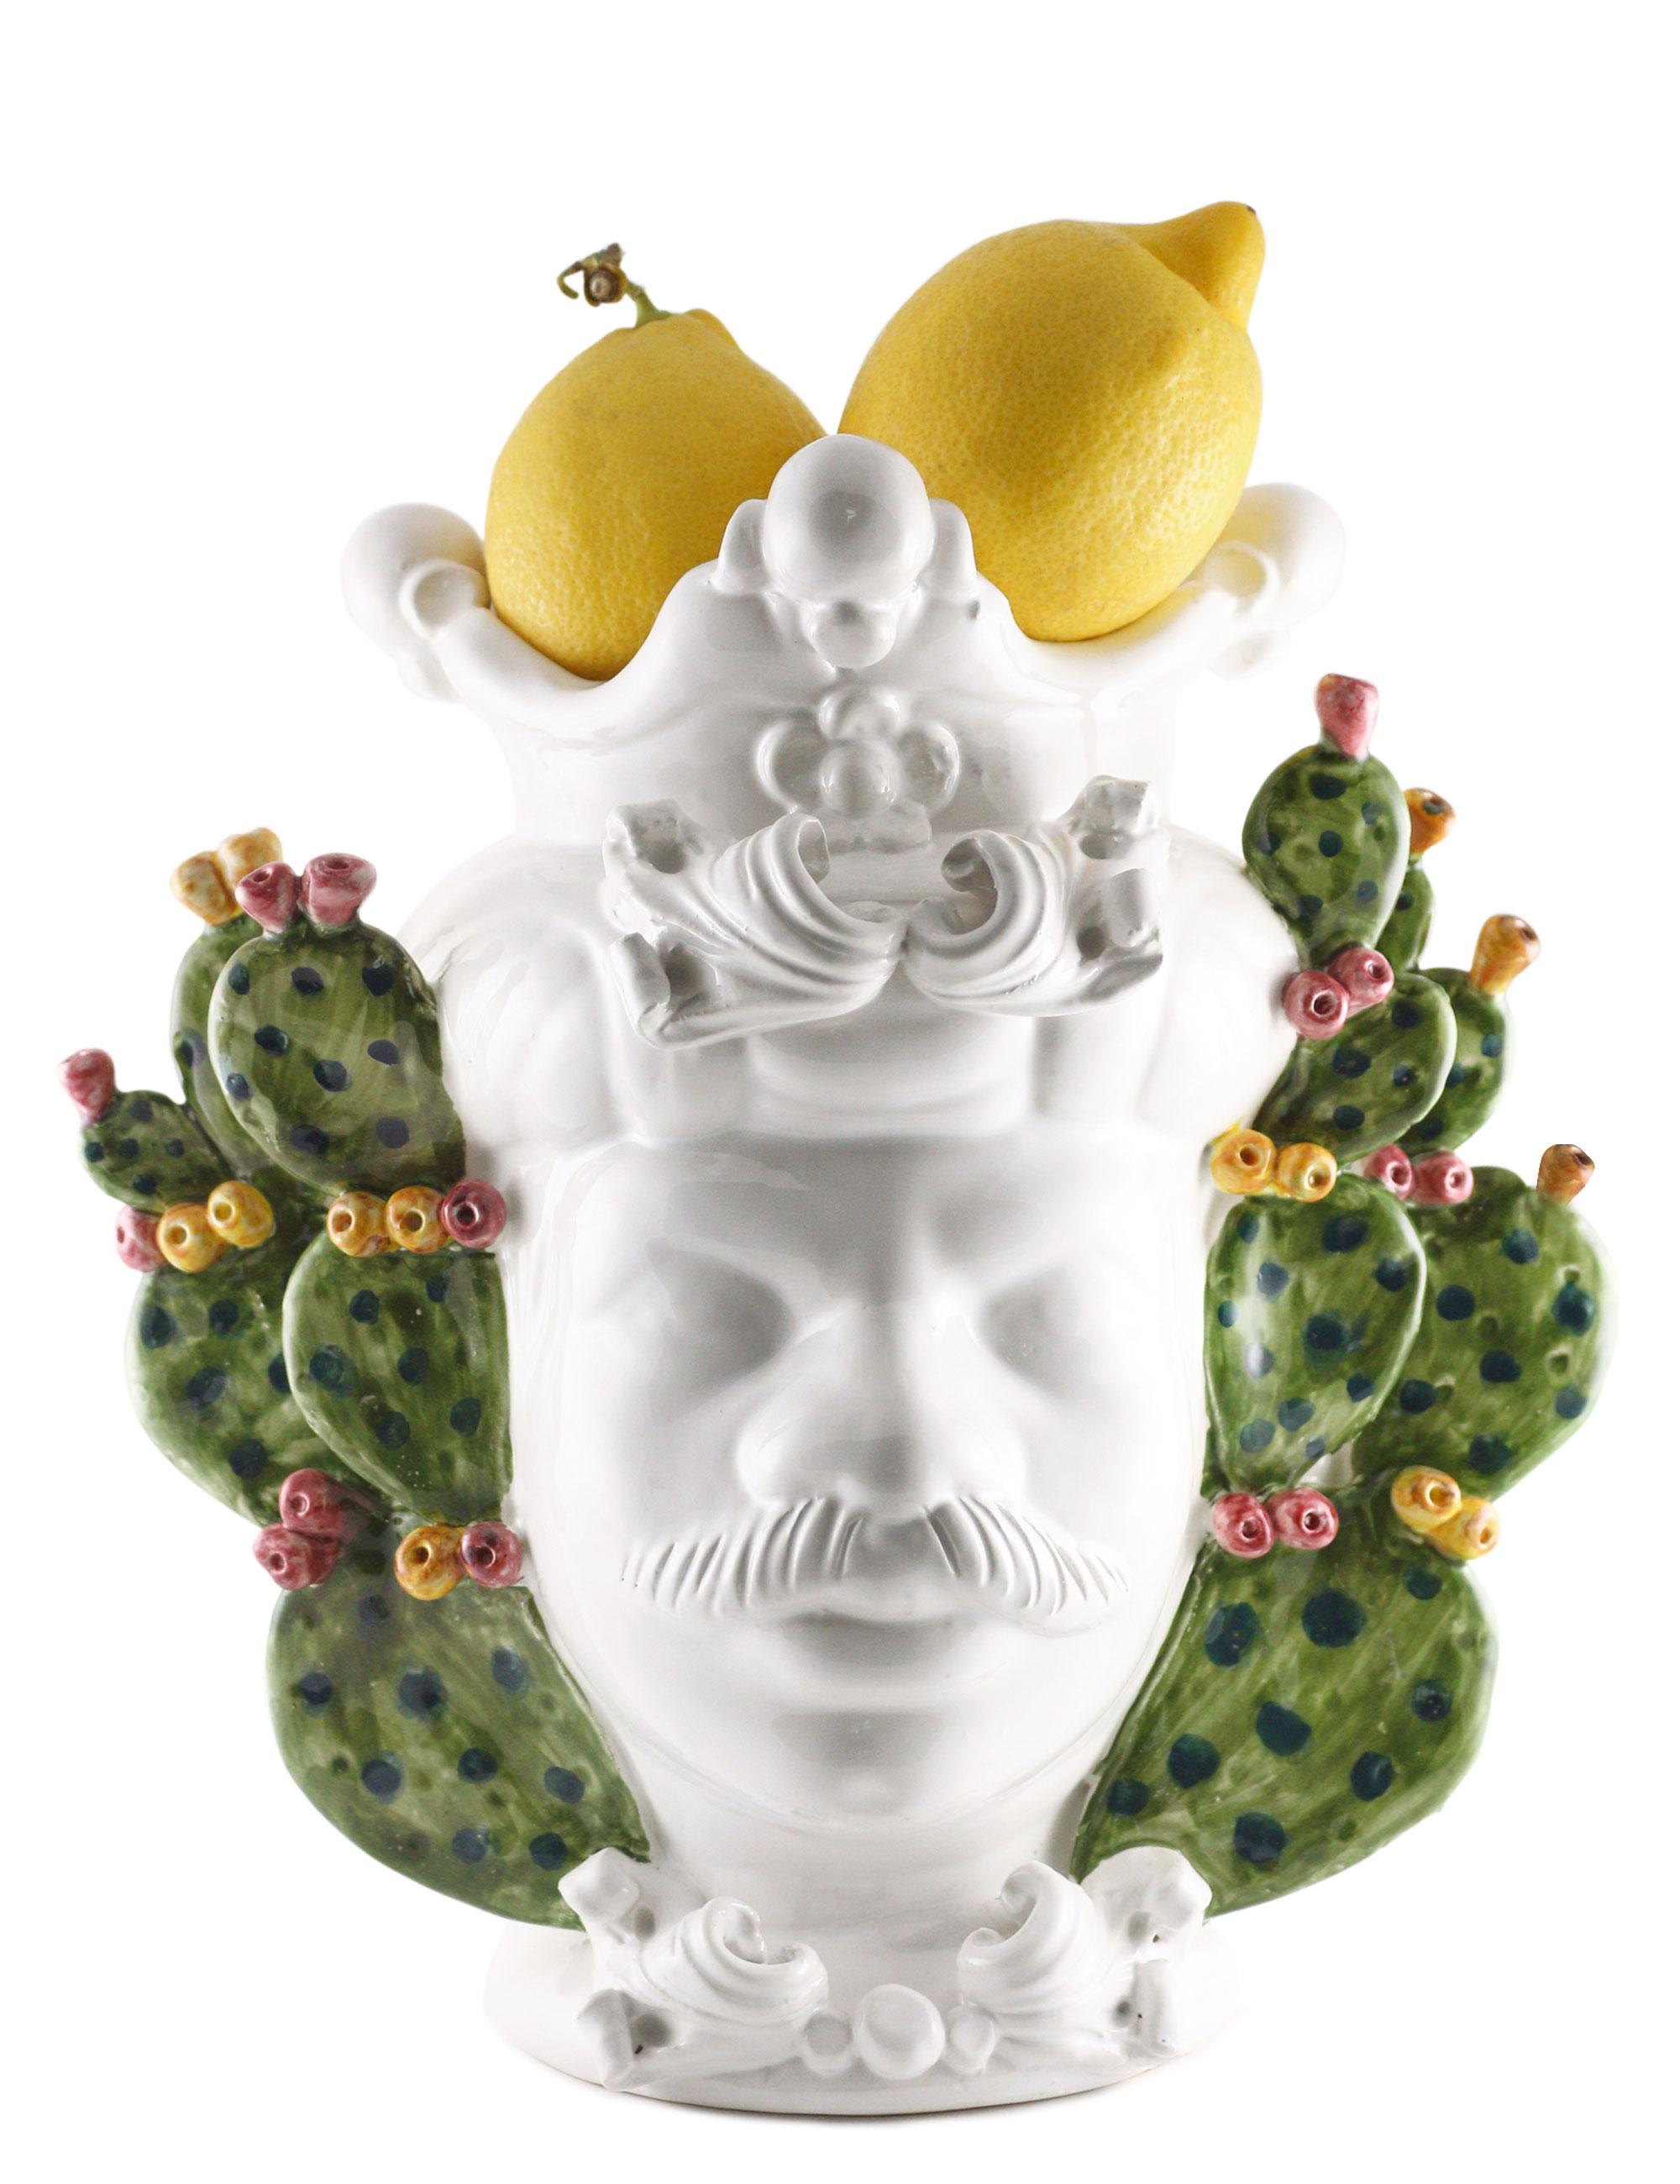 testa di moro Gaspare dimensione media decorazione fichi d'india e limoni